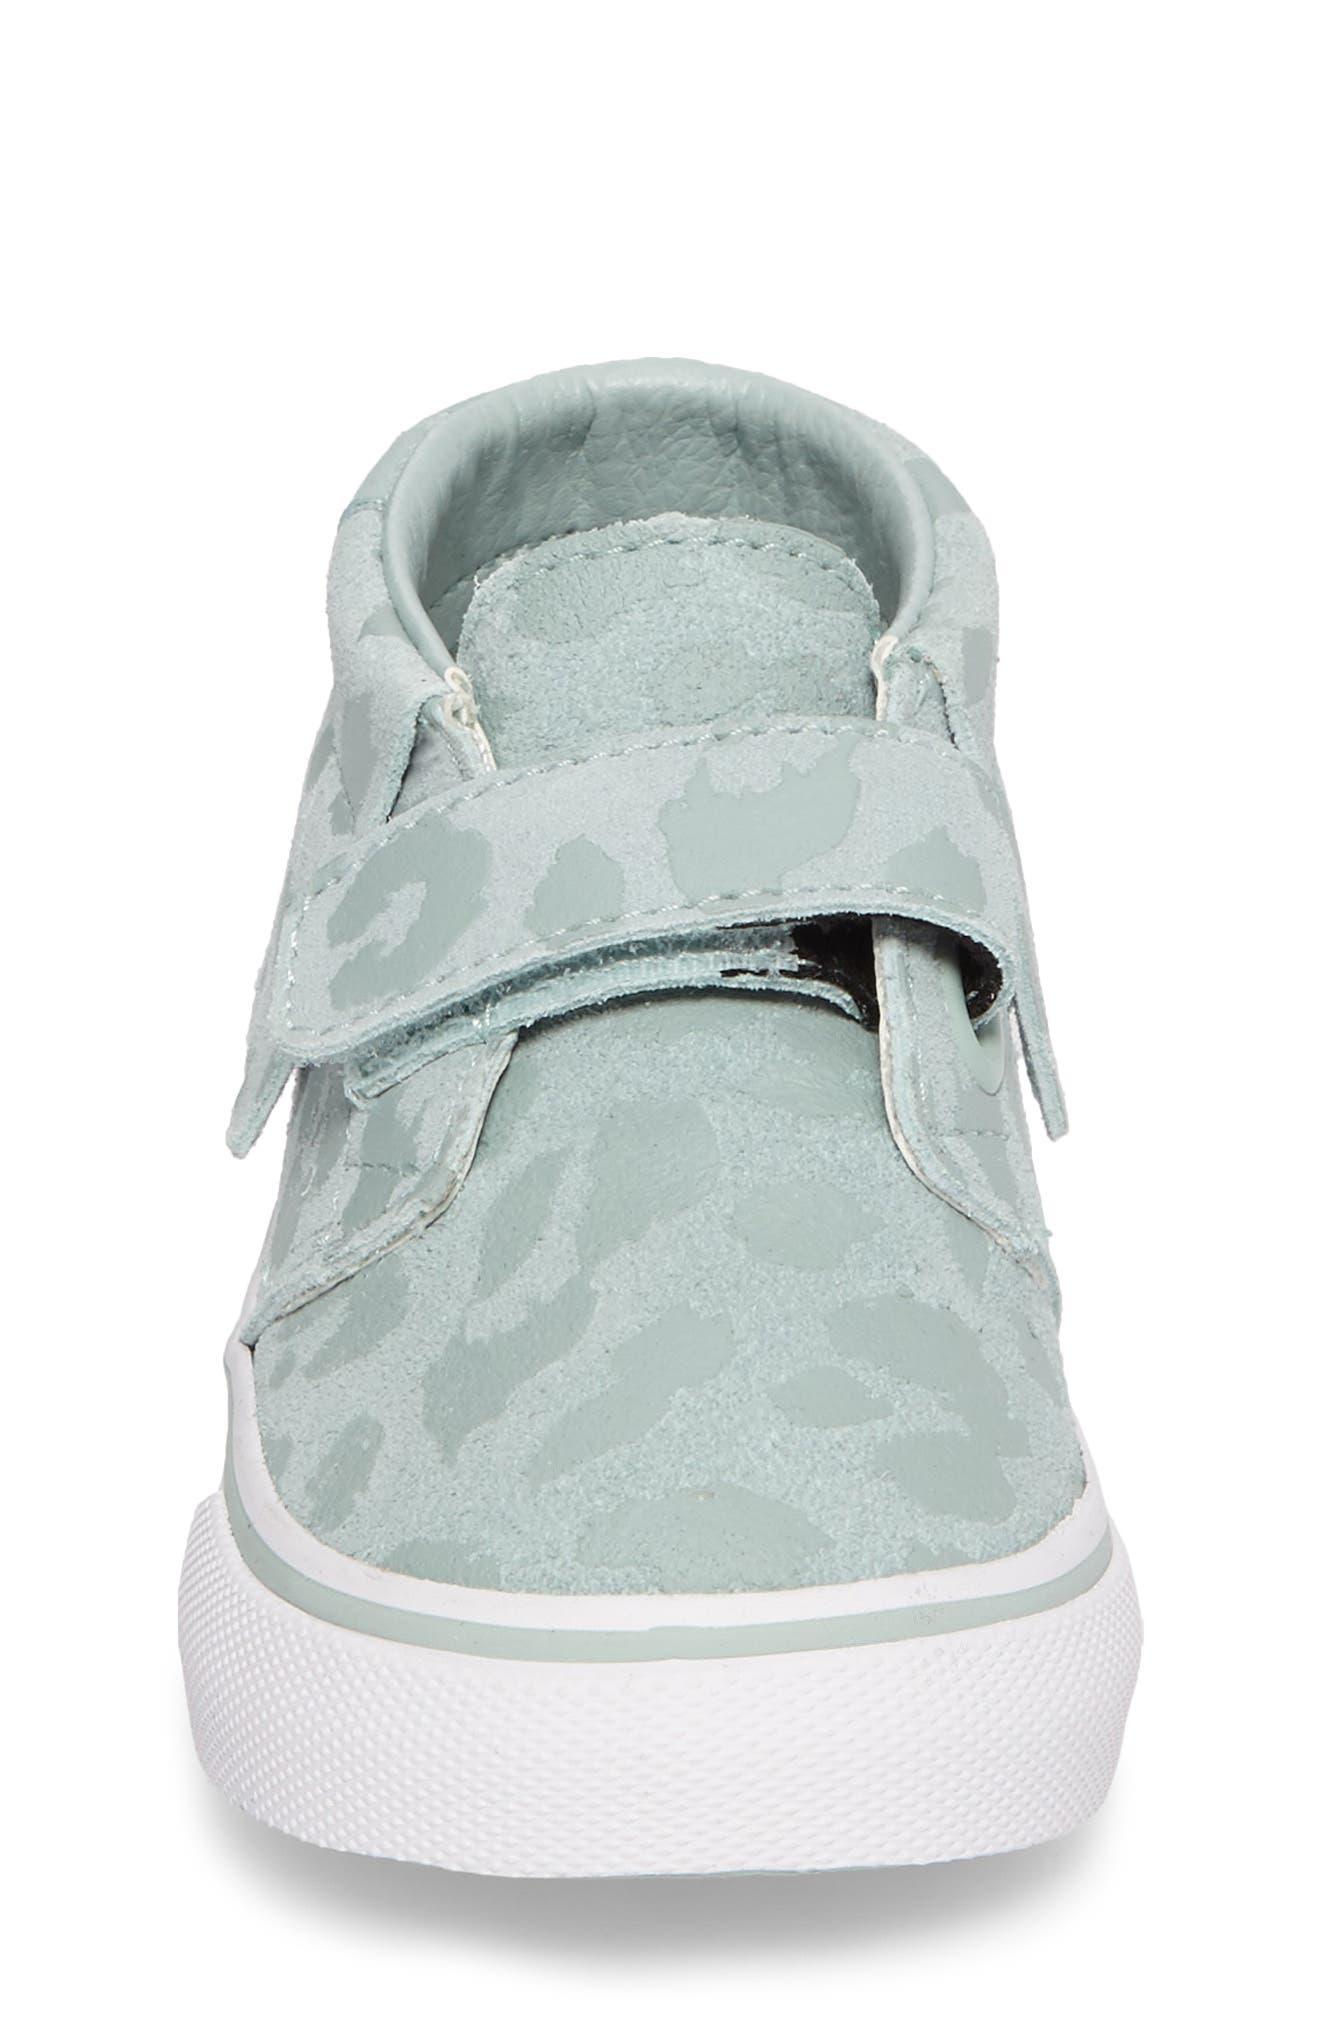 Alternate Image 4  - Vans Chukka V Moc Sneaker (Baby, Walker & Toddler)